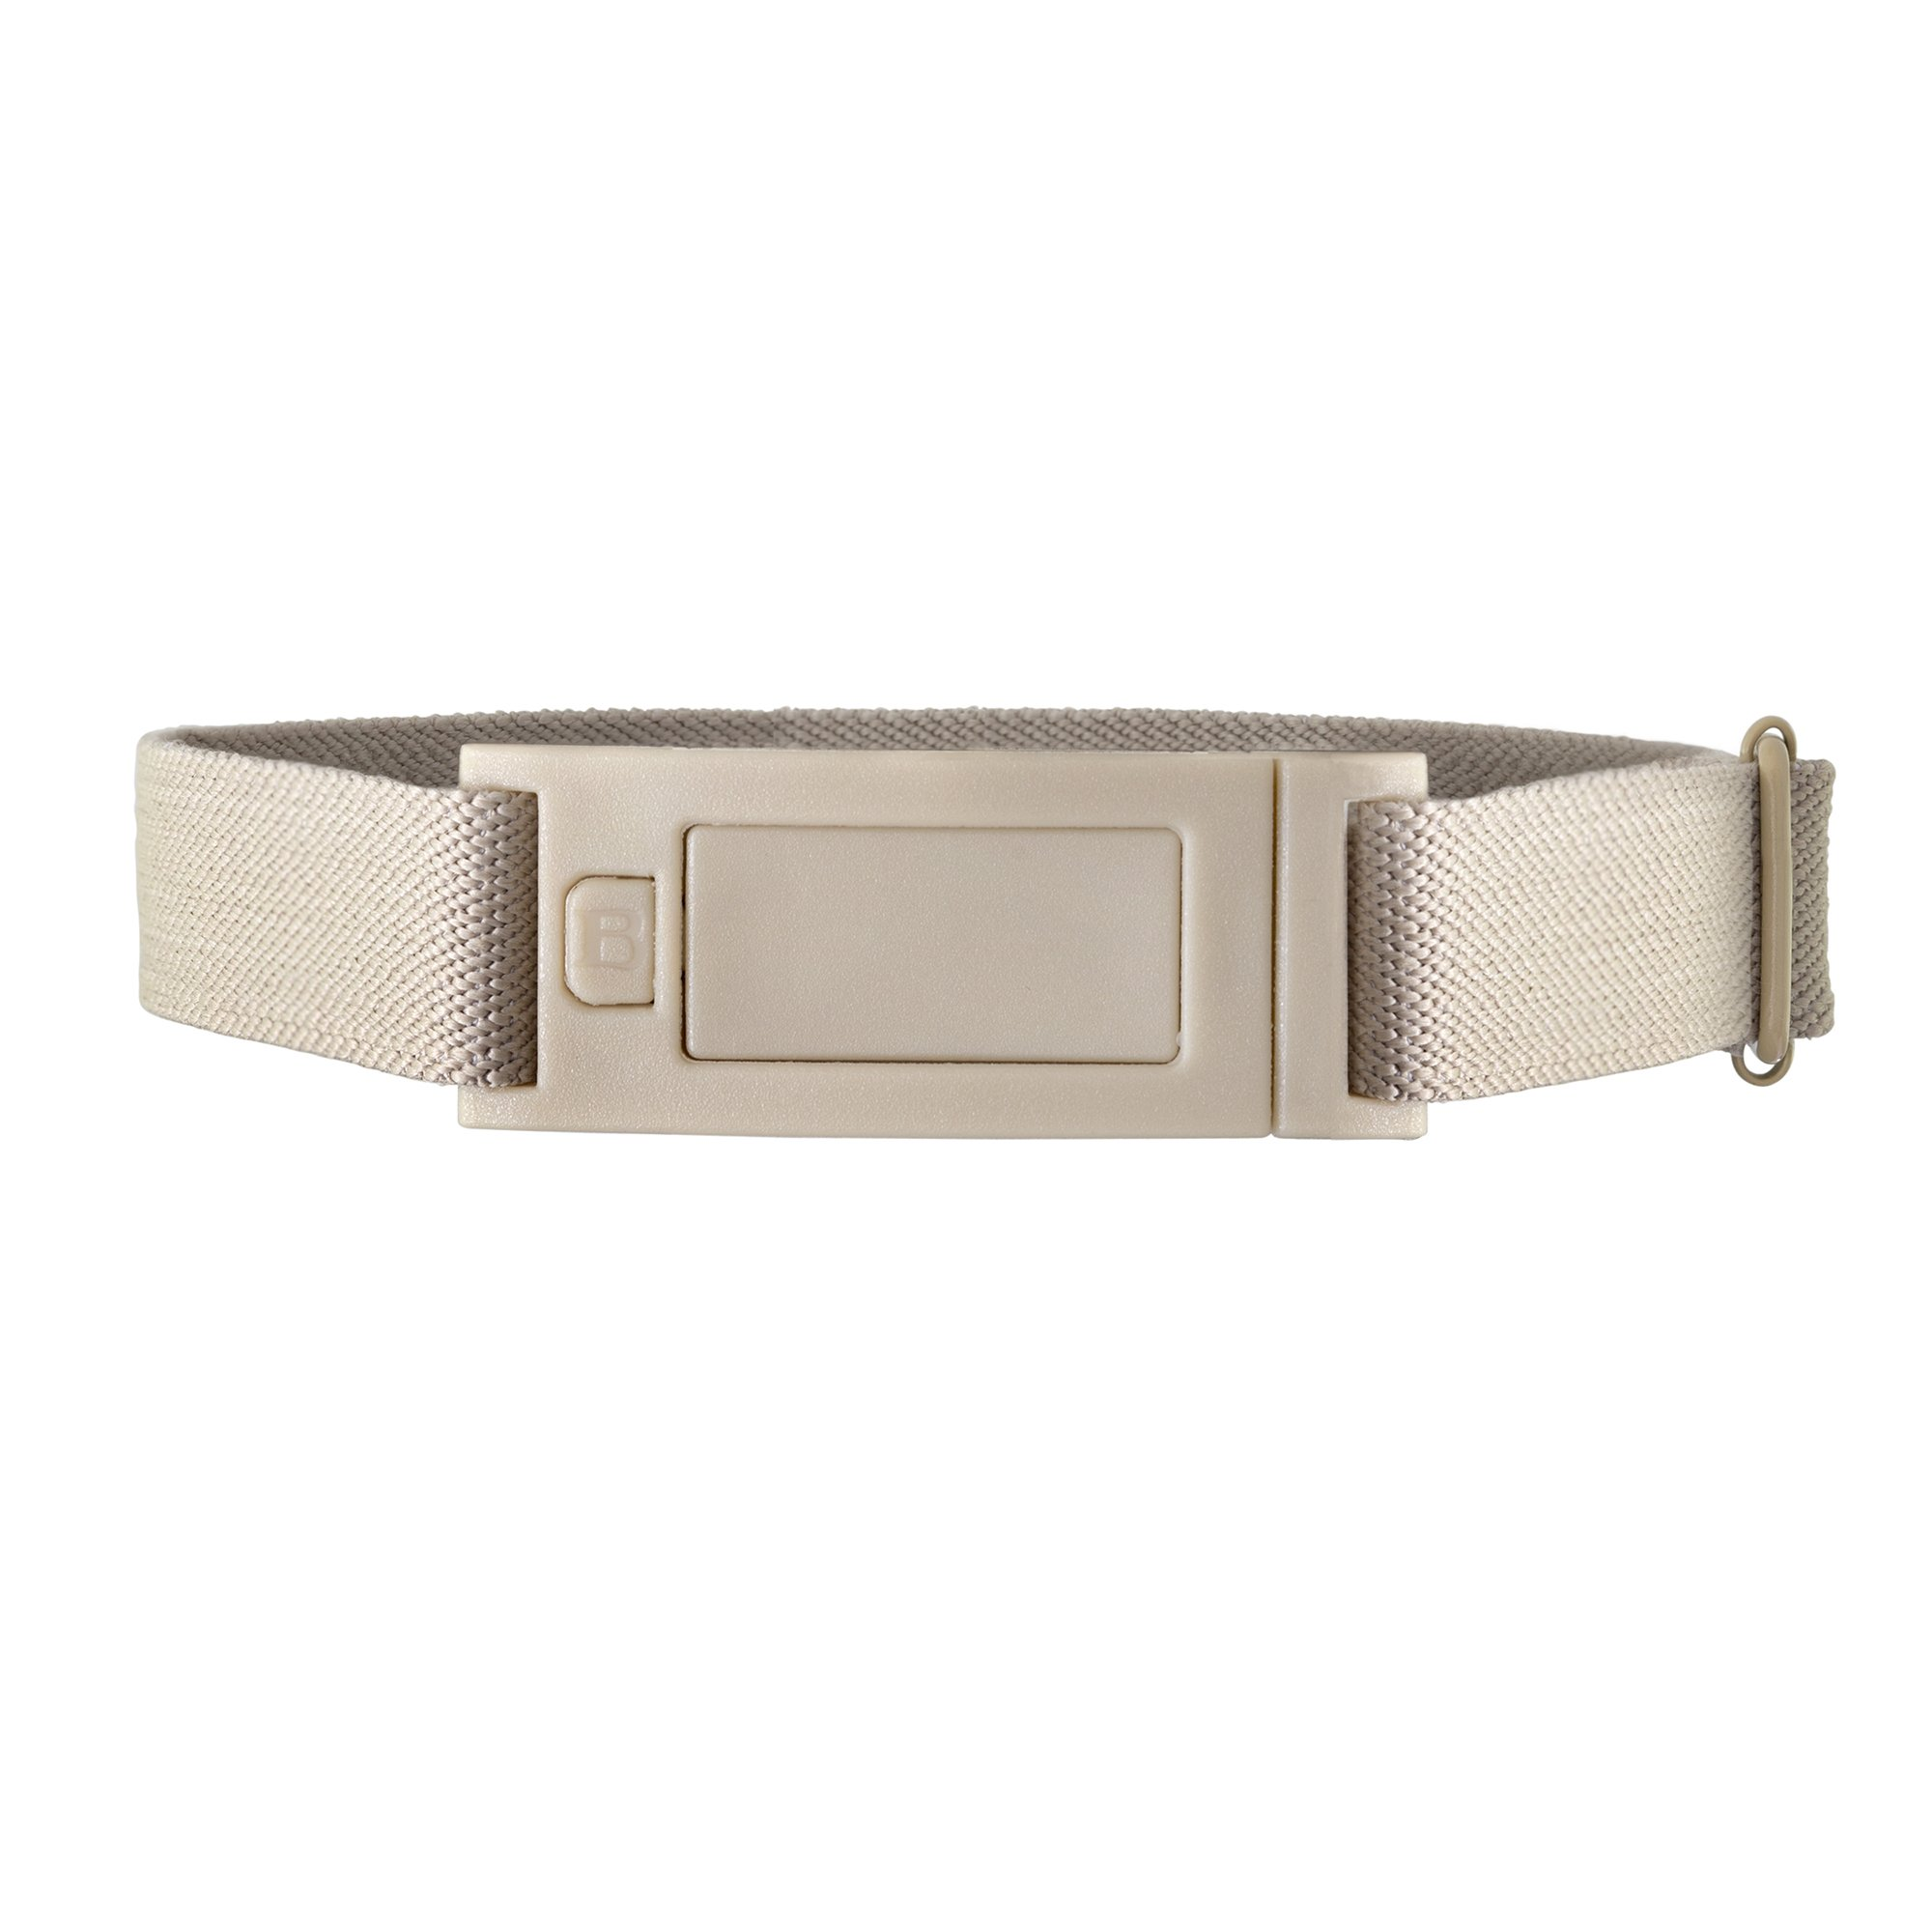 Beltaway NARROW Skinny No Show Adjustable Stretch Belt Sand